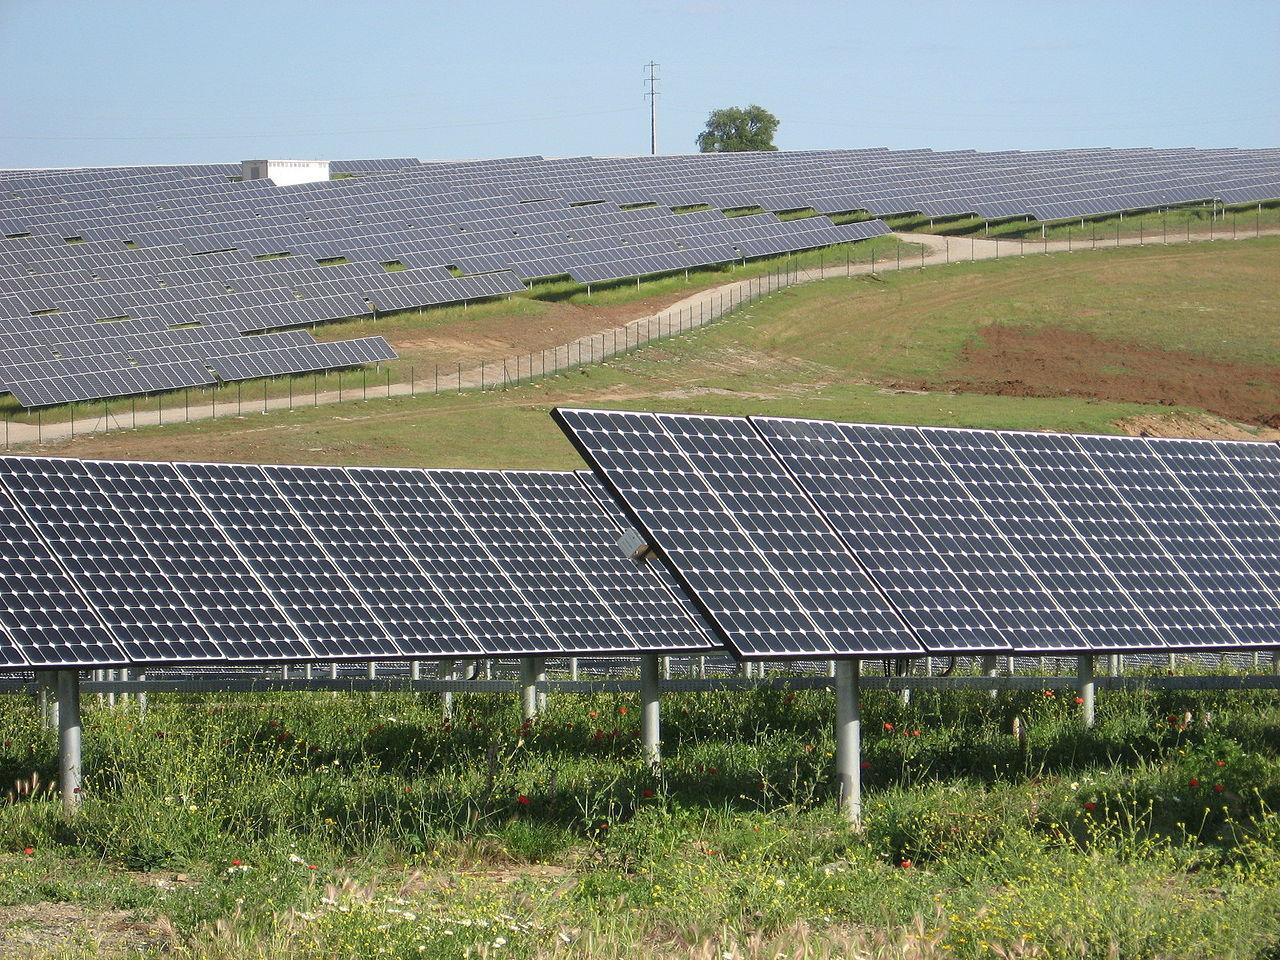 Amerikansk stad vill inte bygga solpanelsfarm